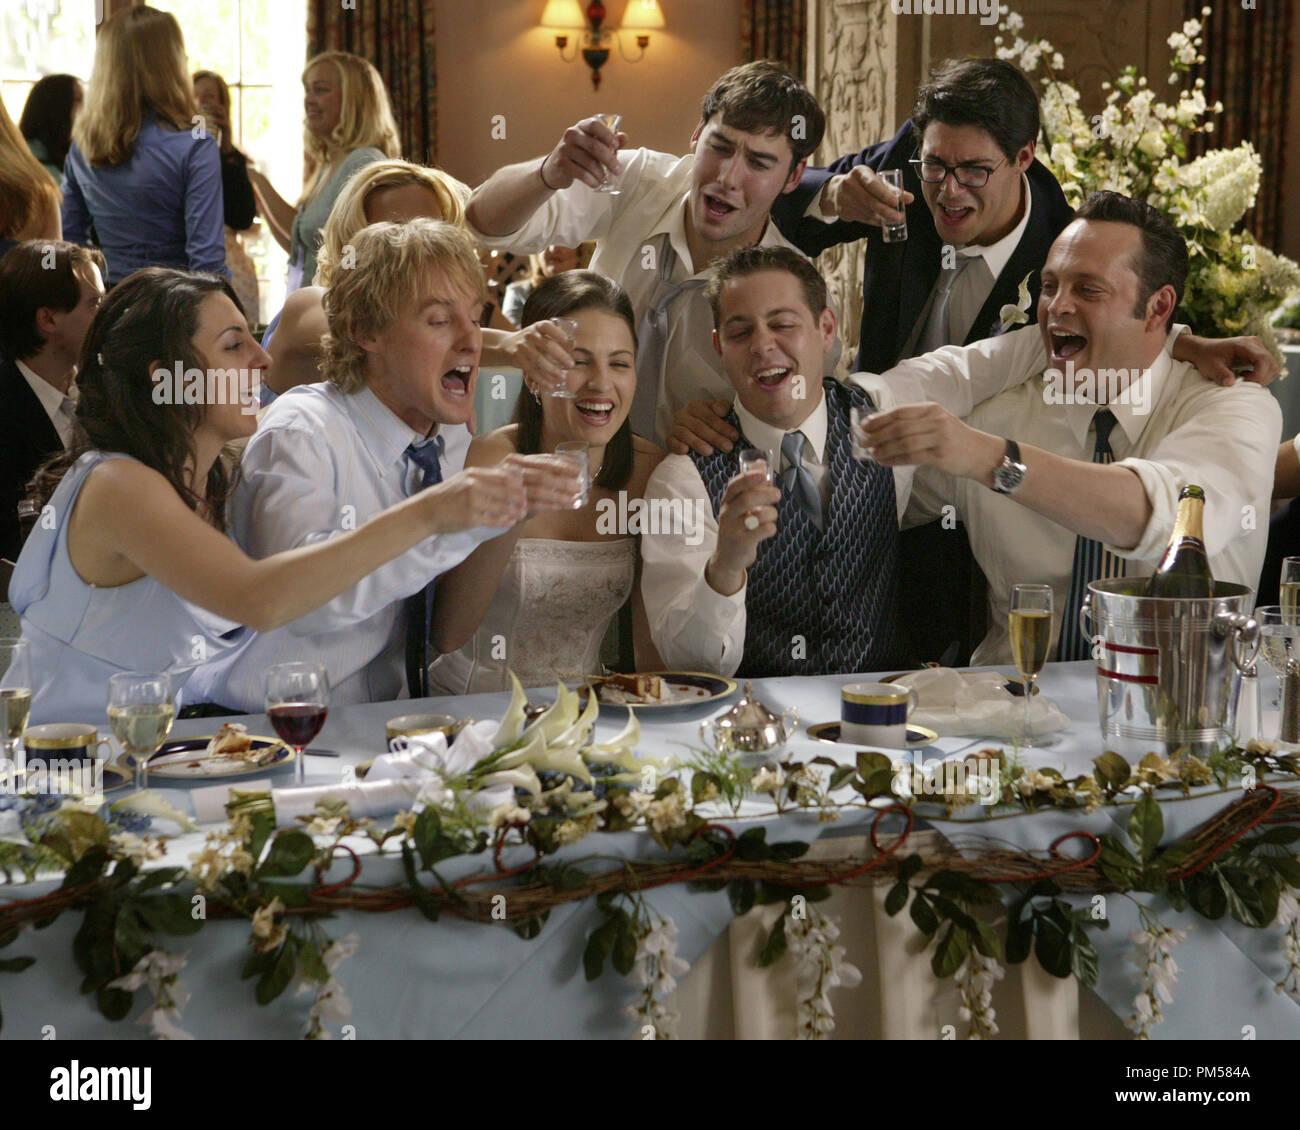 Wedding Crashers Movie Stock Photos & Wedding Crashers